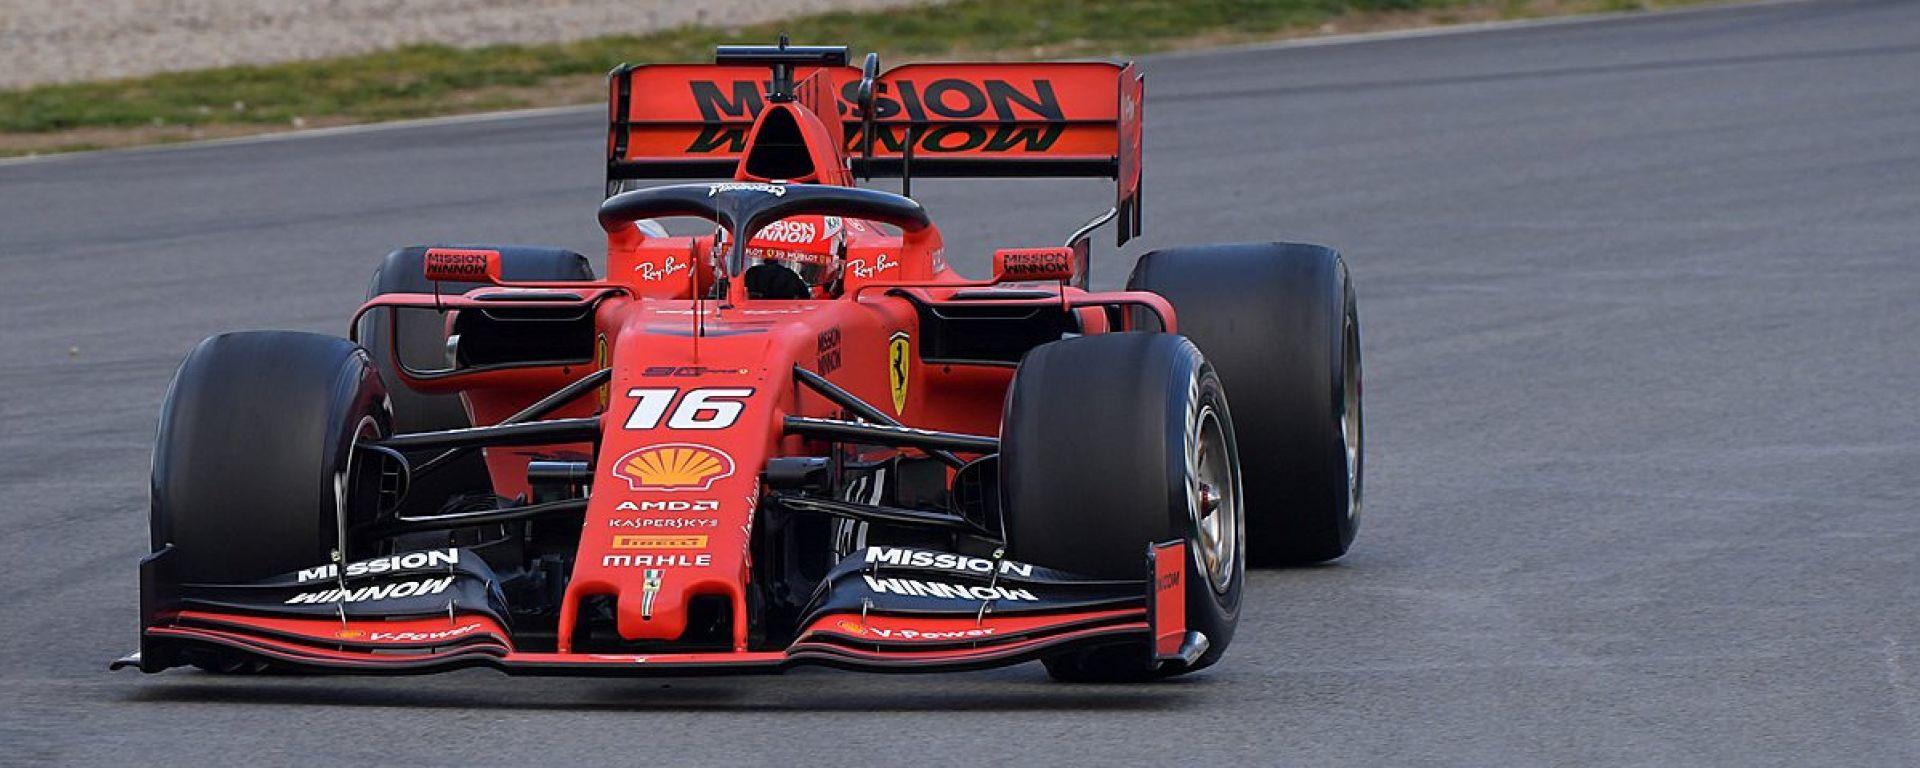 Test F1 Barcellona, day-2. Leclerc imita Vettel, Giovinazzi 3°